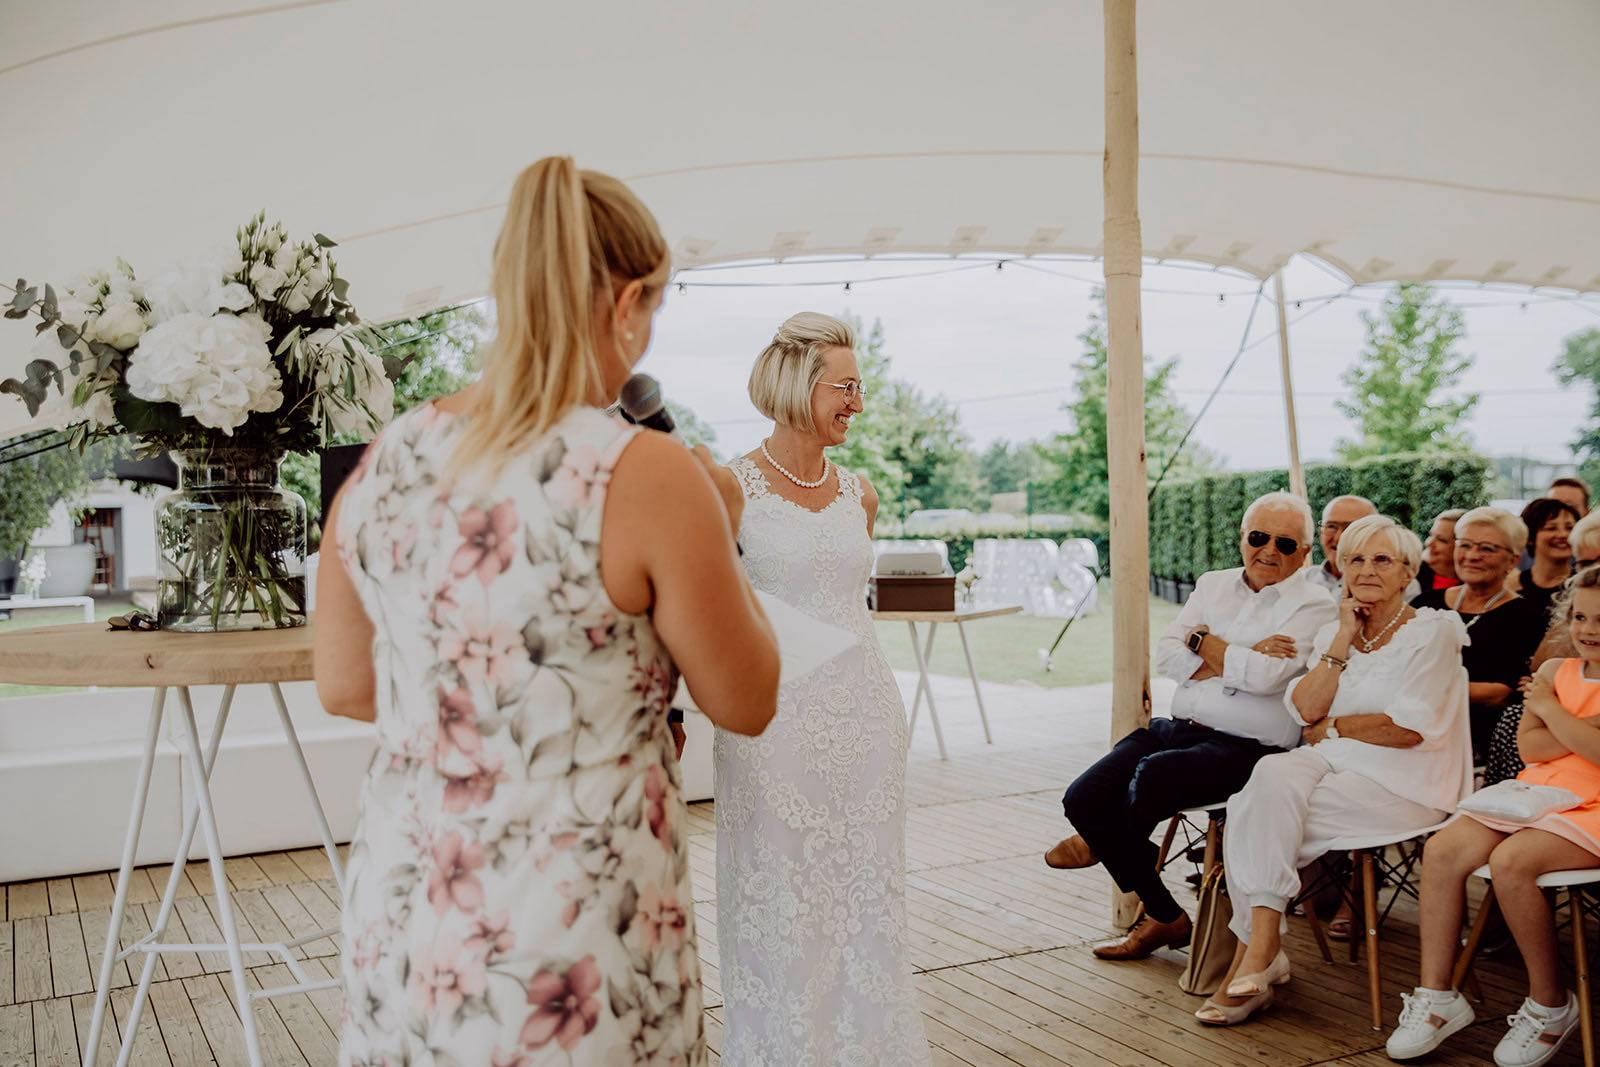 Event'L Ceremonie - Fotograaf Lux Visual Storytellers - House of Weddings 11